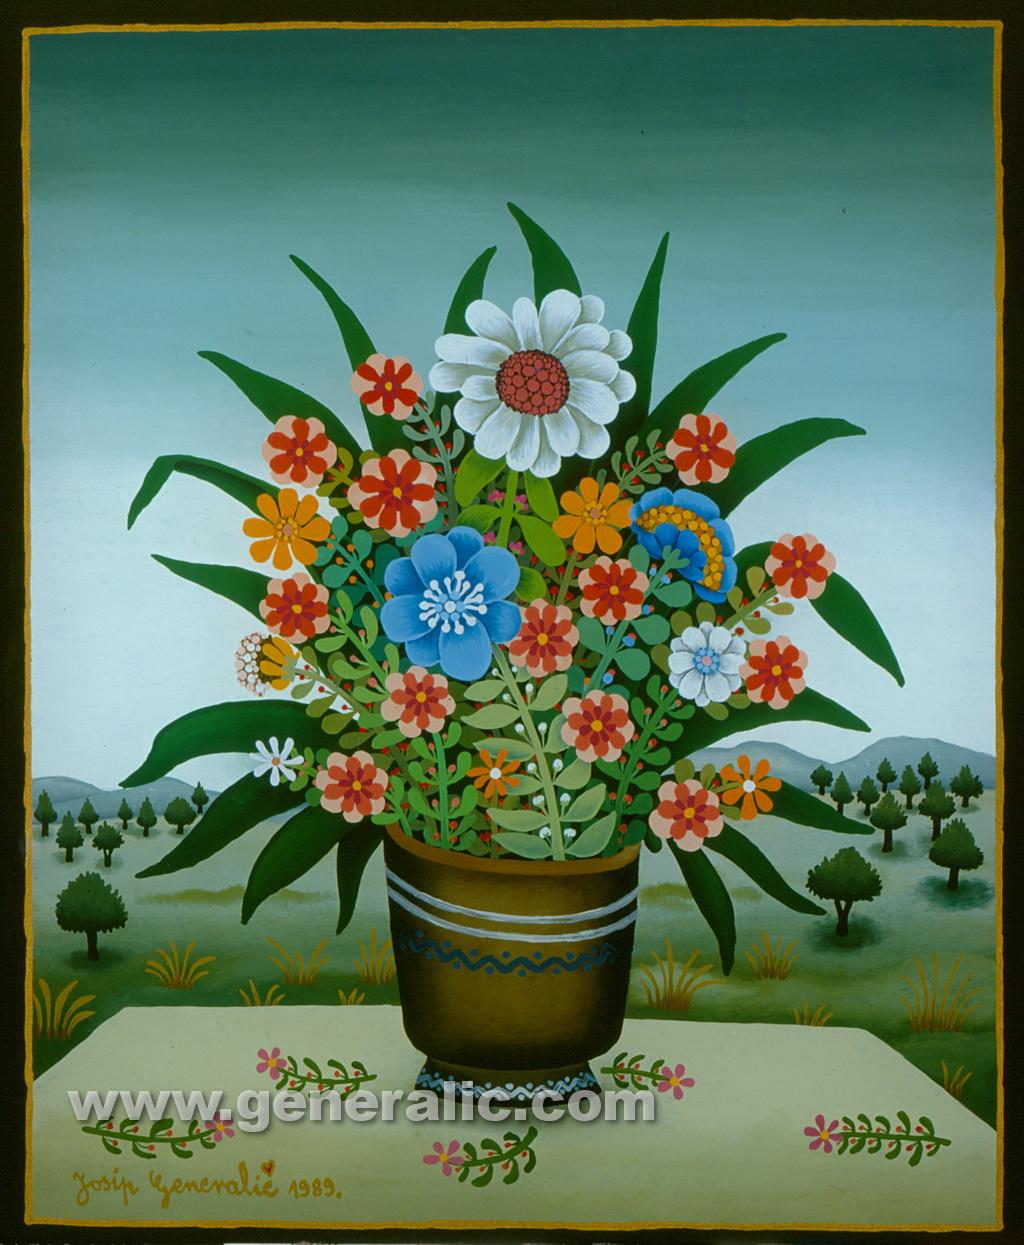 Josip Generalic, 1989, Flowers with landscape, oil on glass